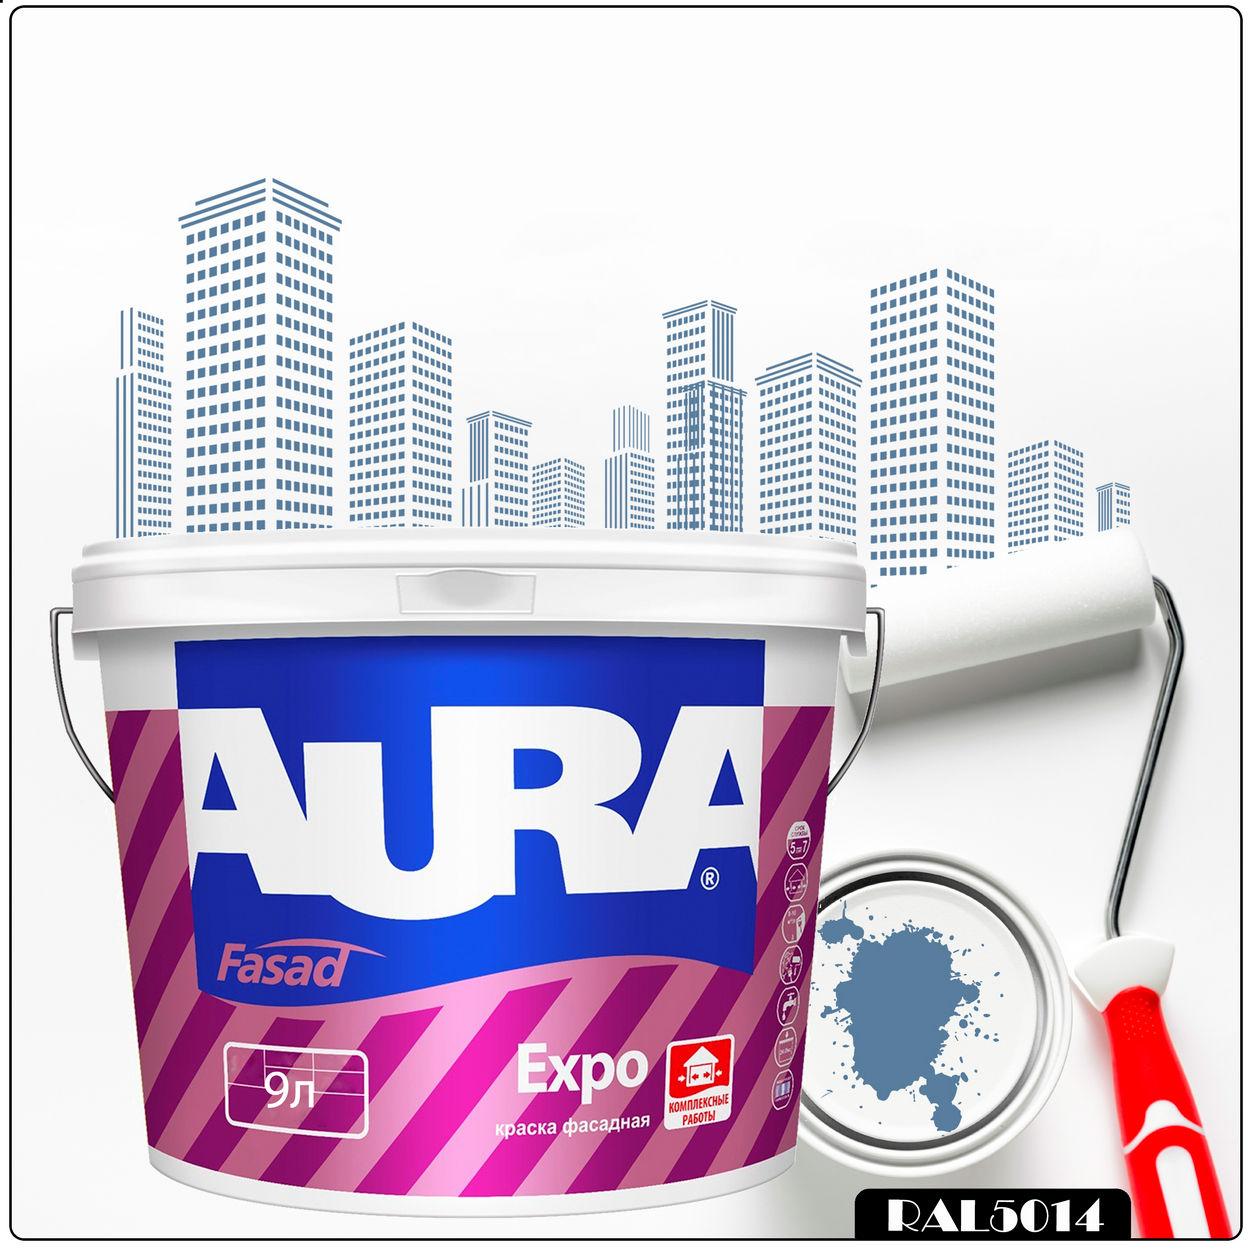 Фото 14 - Краска Aura Fasad Expo, RAL 5014 Голубино-синий, матовая, для фасадов и помещений с повышенной влажностью, 9л.